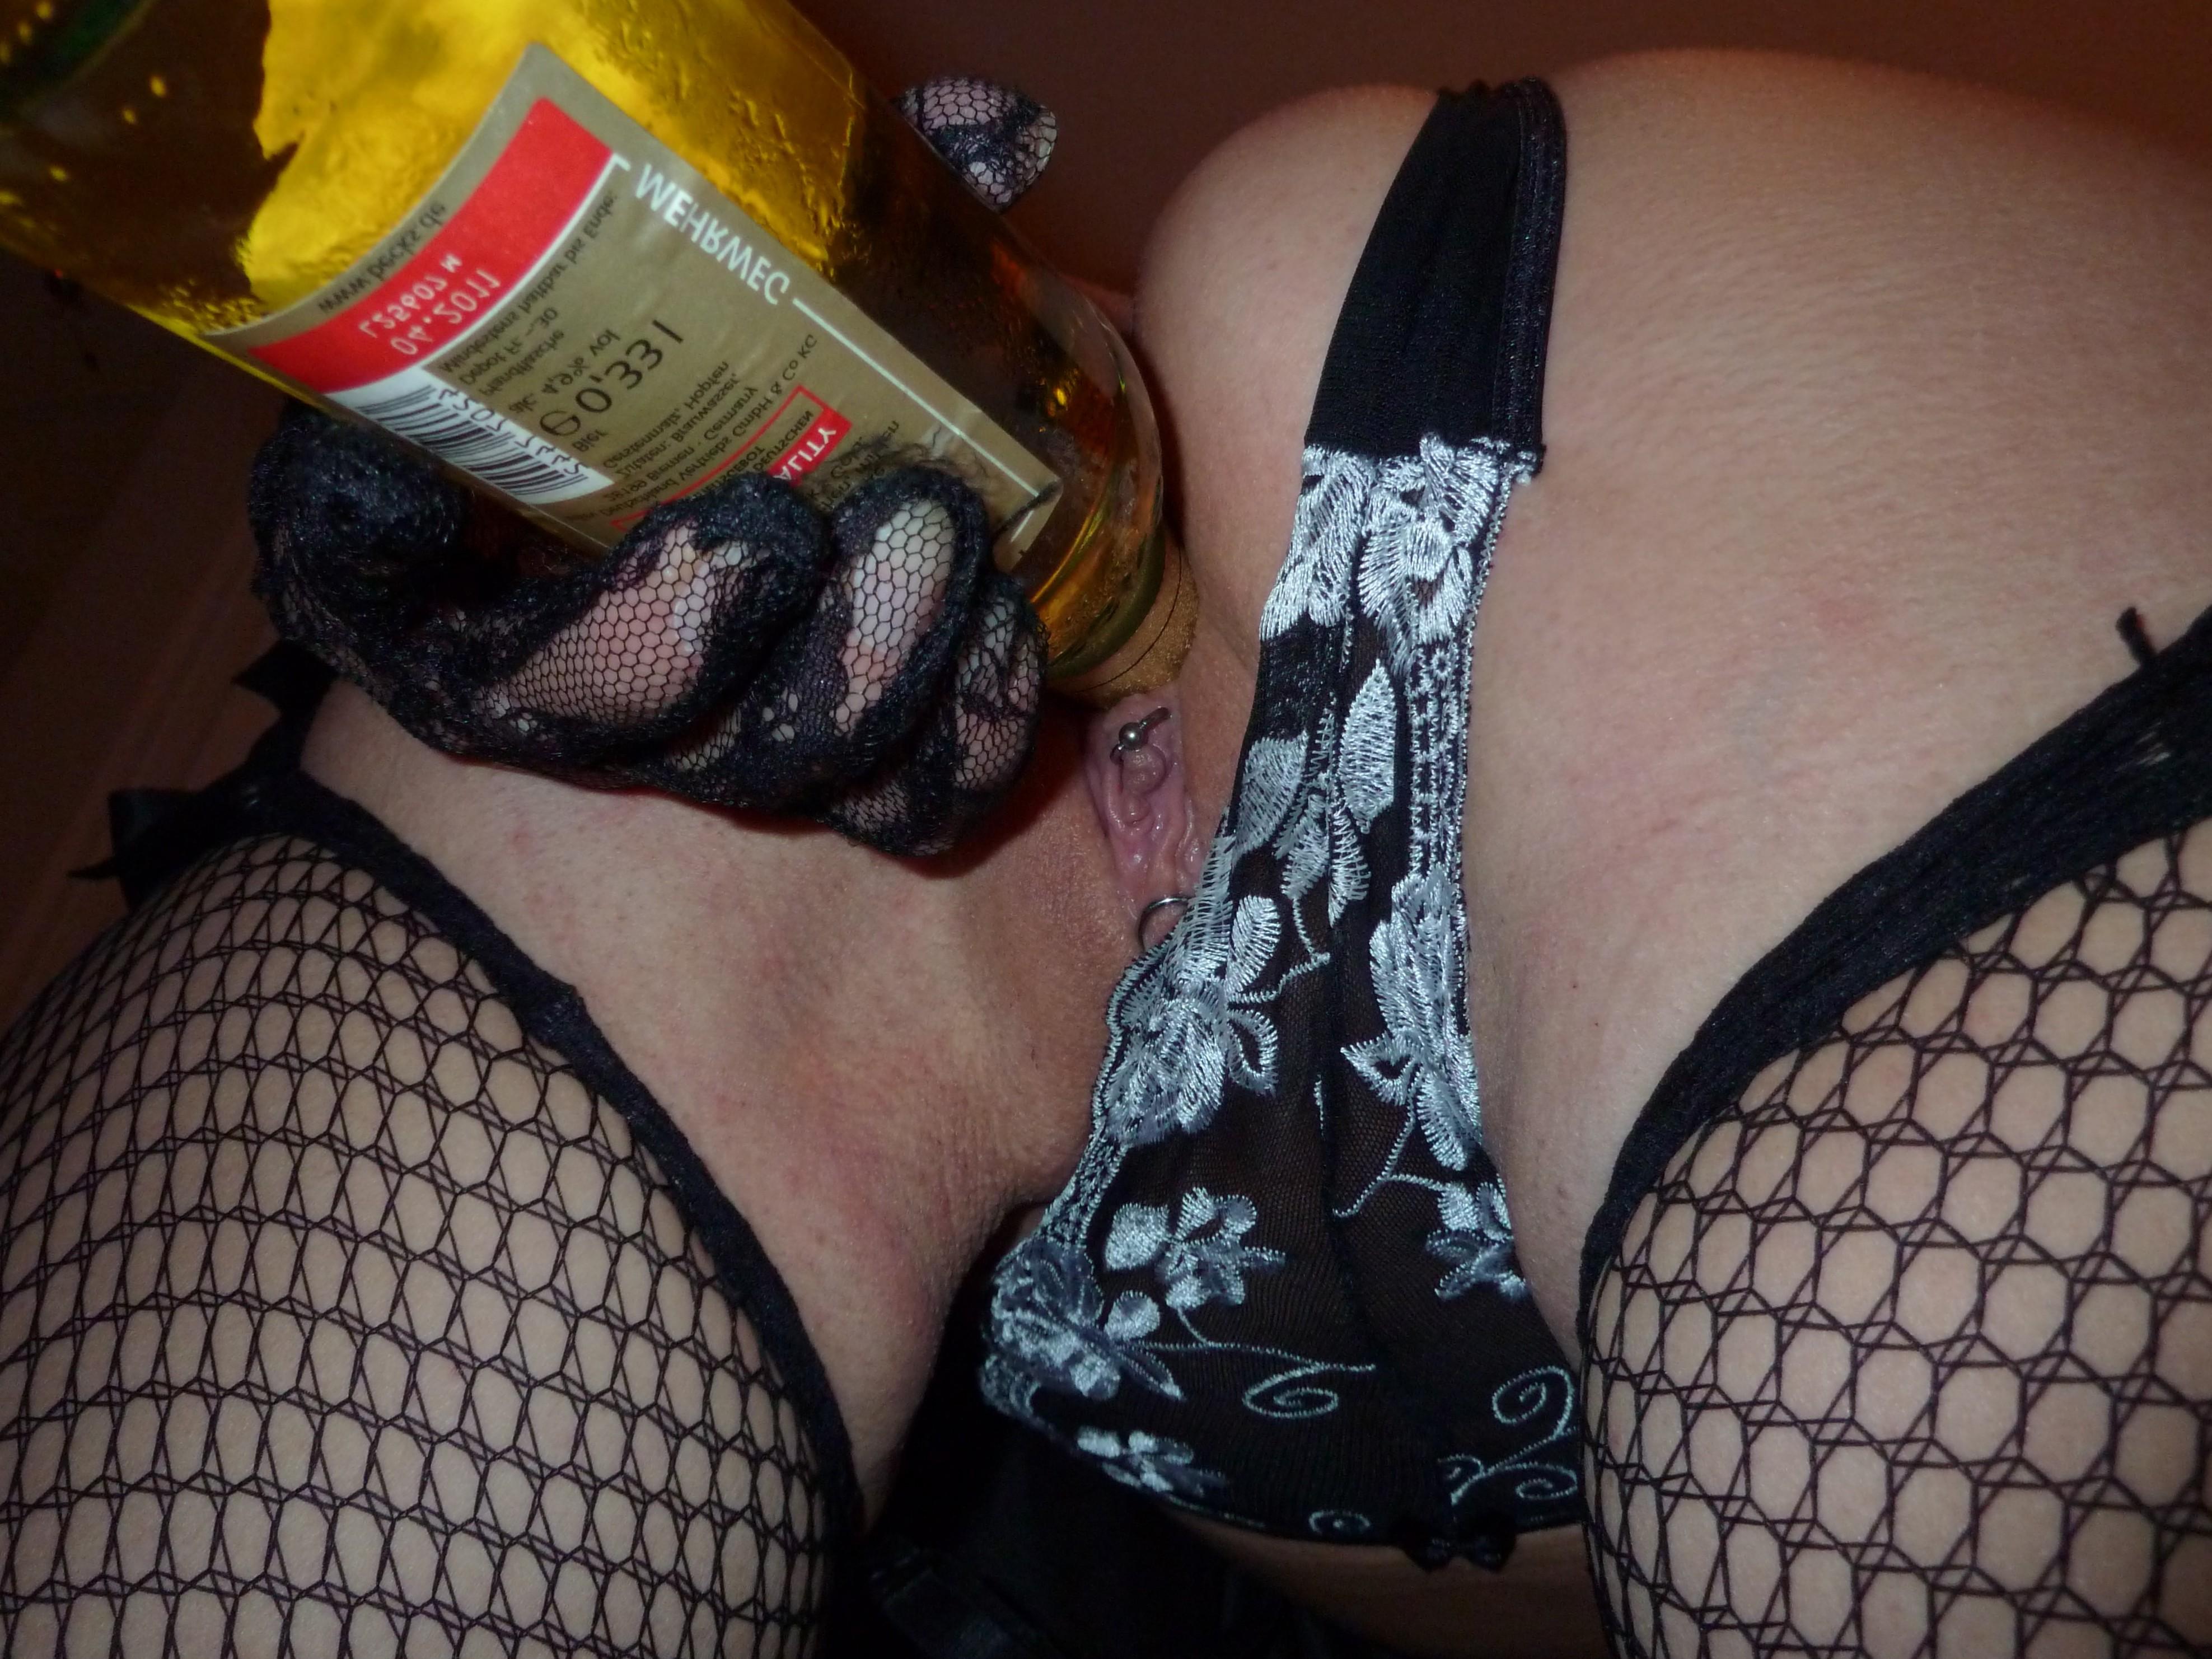 mmmmmm drink ?